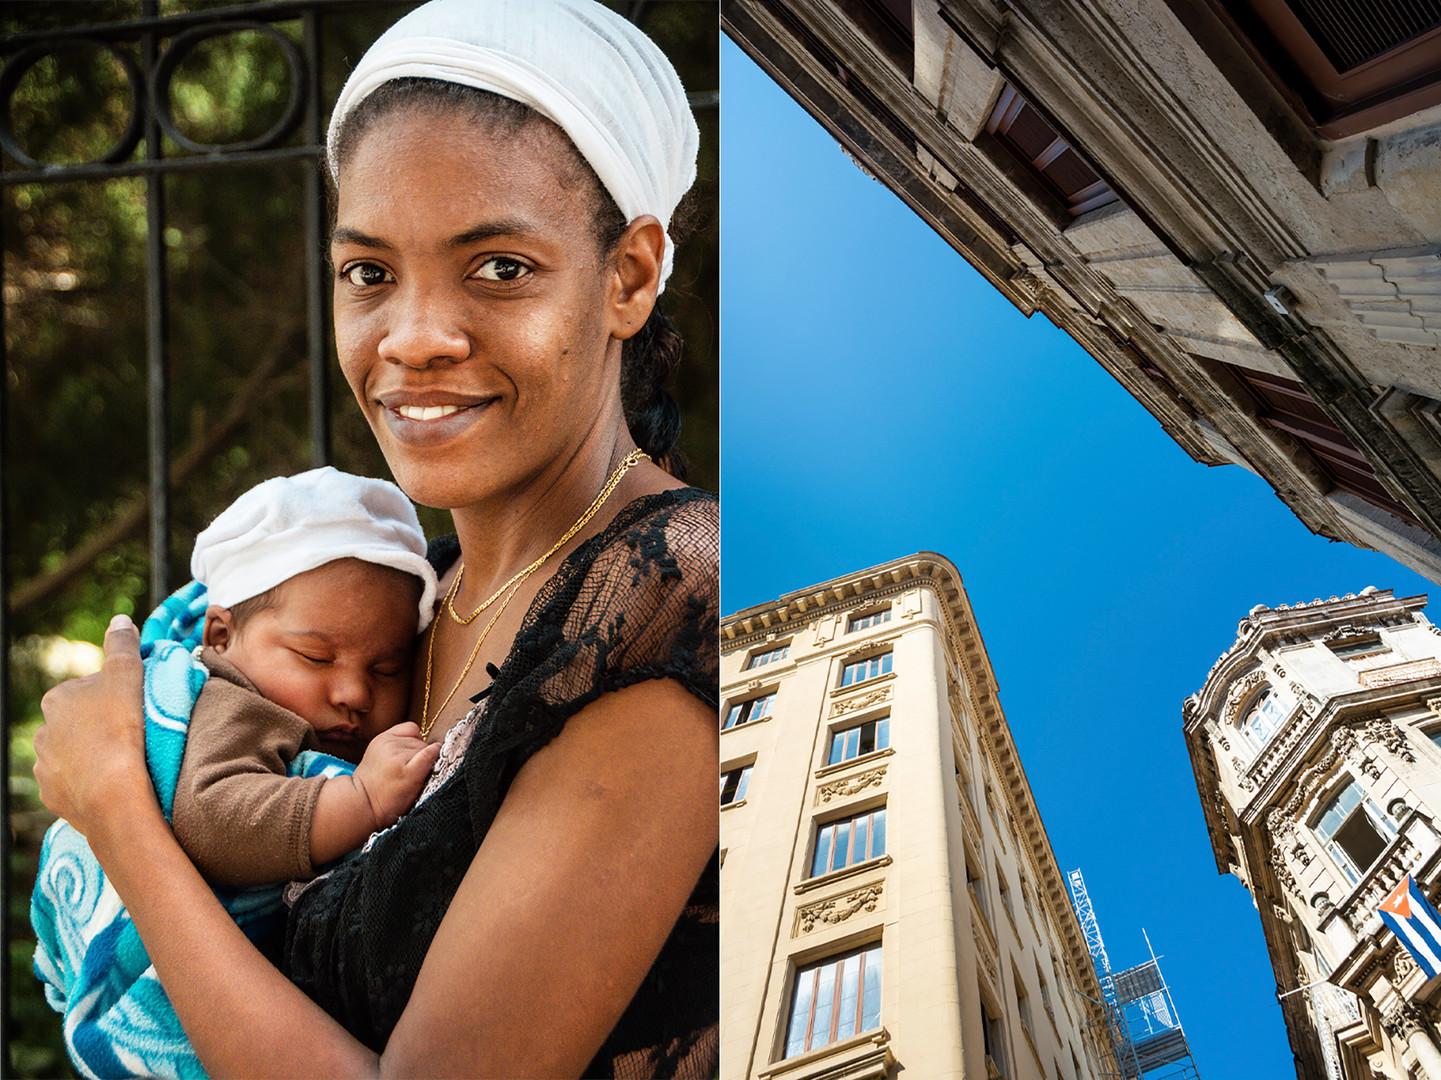 Cuba_double_144dpi_06 Kopie.jpg